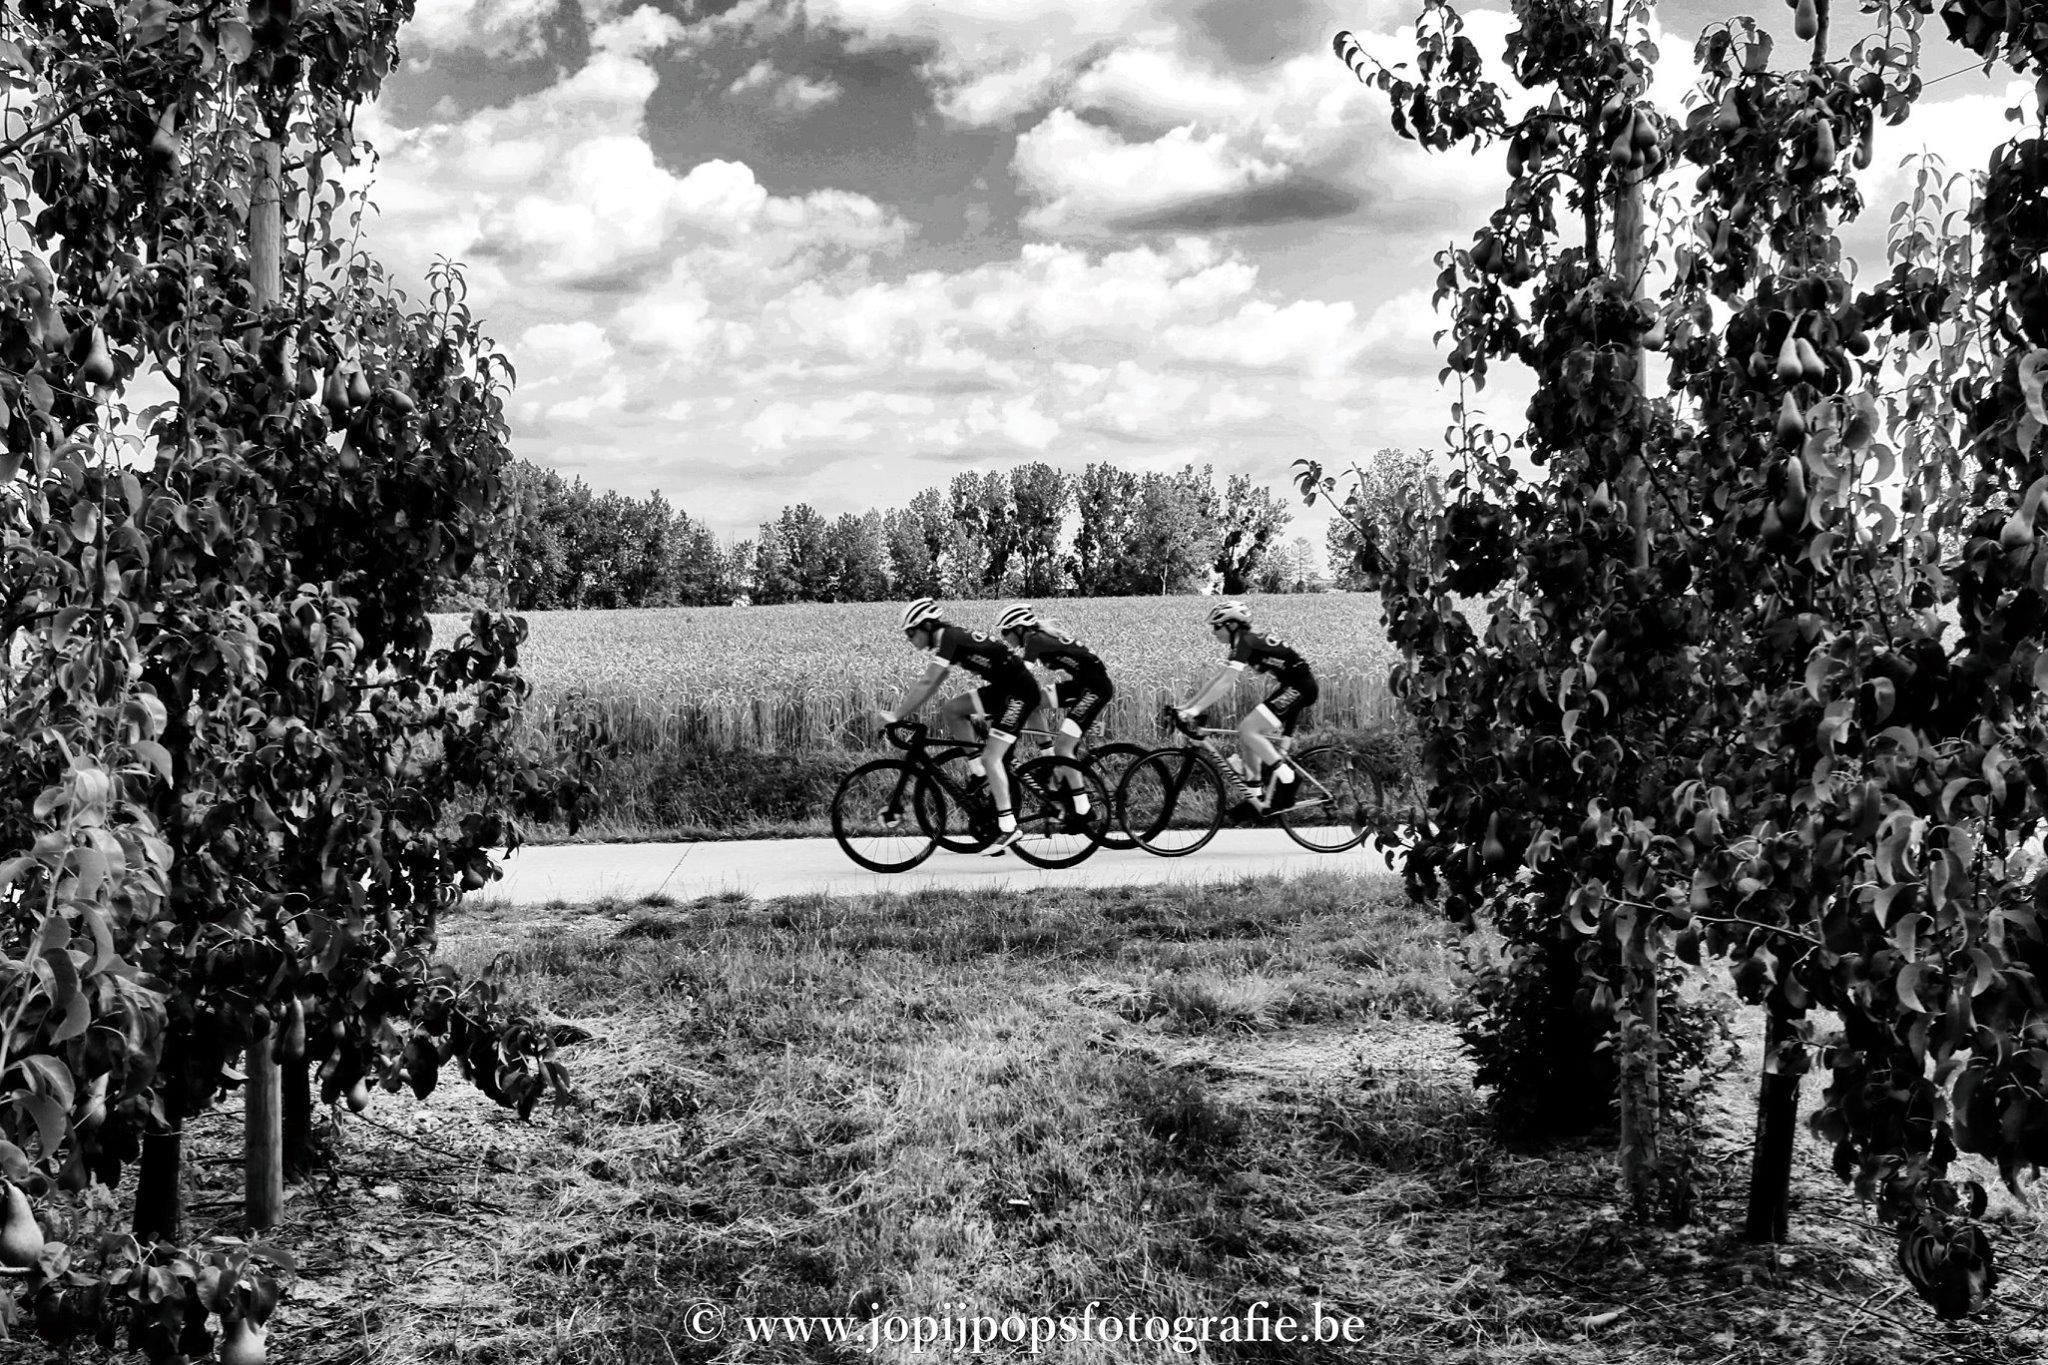 Belgian Mountainbike Challenge voelt zich gemotiveerd